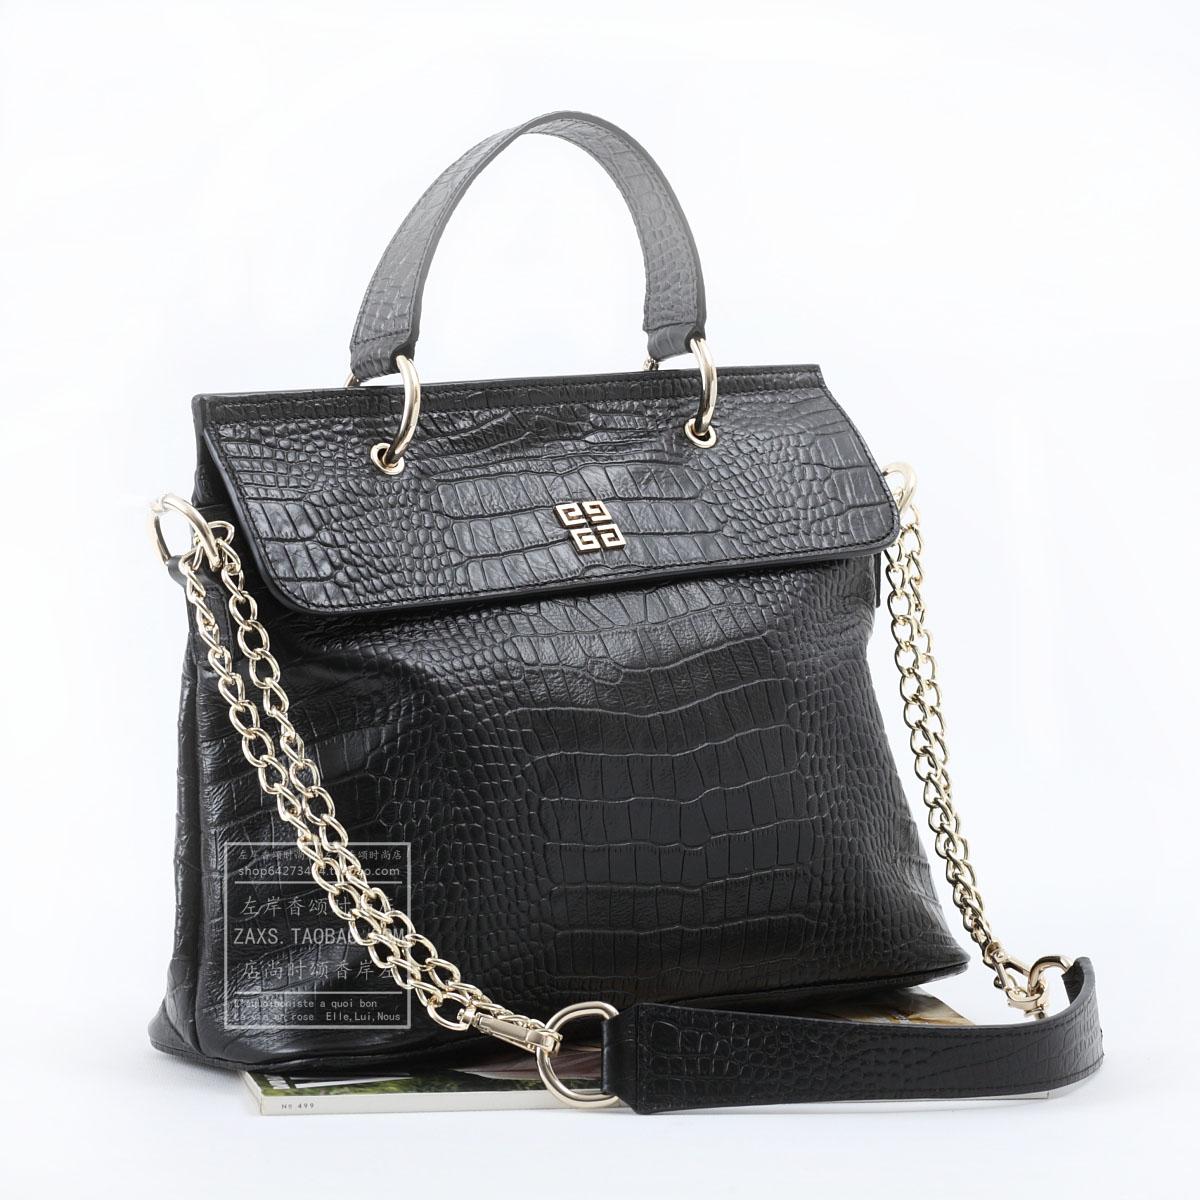 Сумка Givench * Ji вентилятор * роскошной крокодиловой шаблон мешок металлические цепи, благородный черный коричневый размер